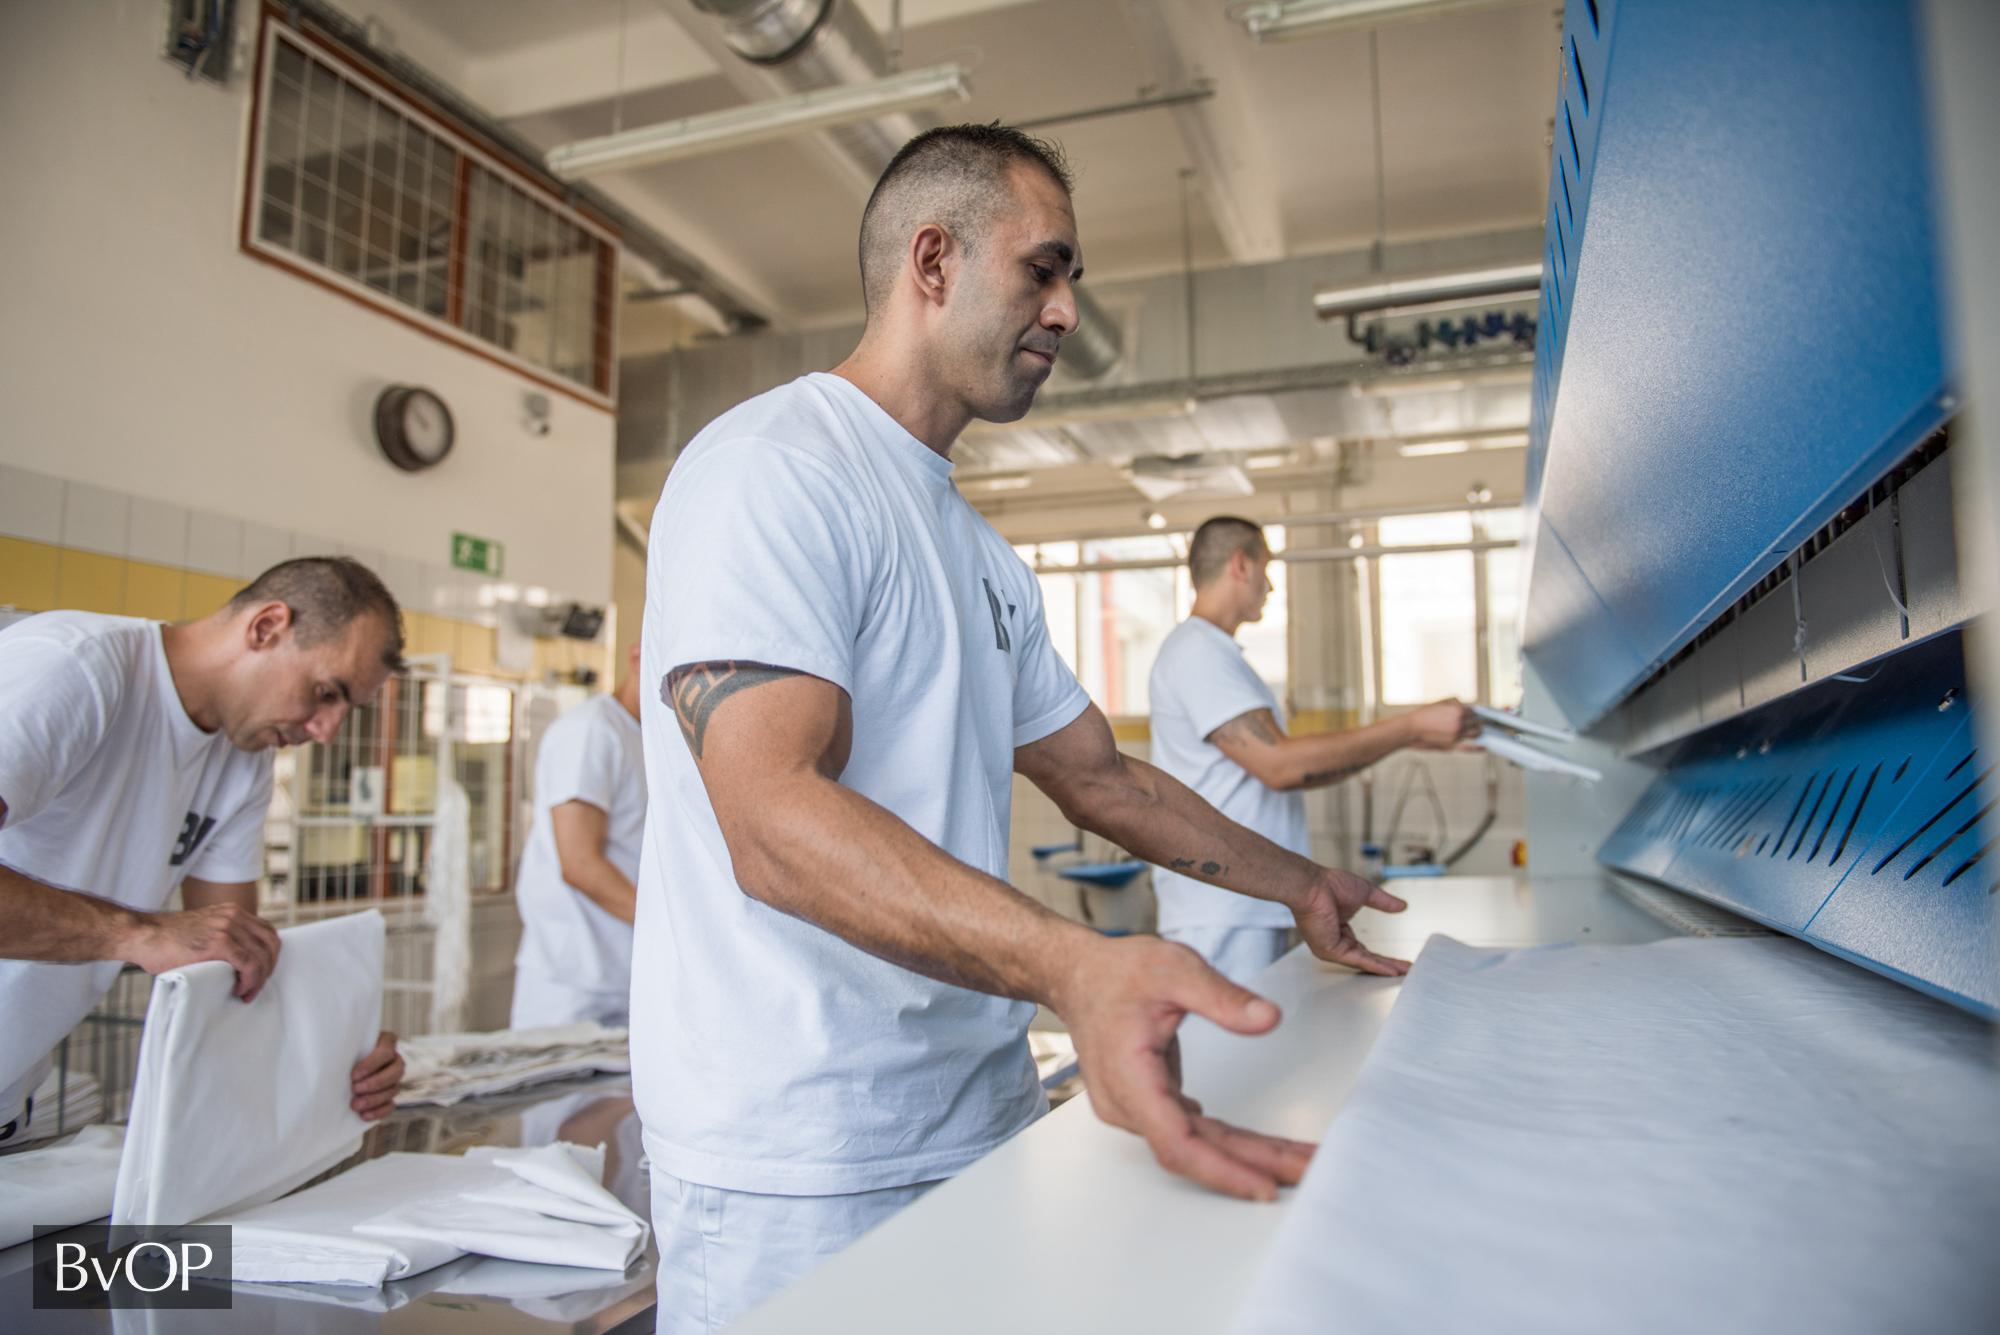 Fogvatartottak hajtogatják a tiszta ruhát a börtönmosodában